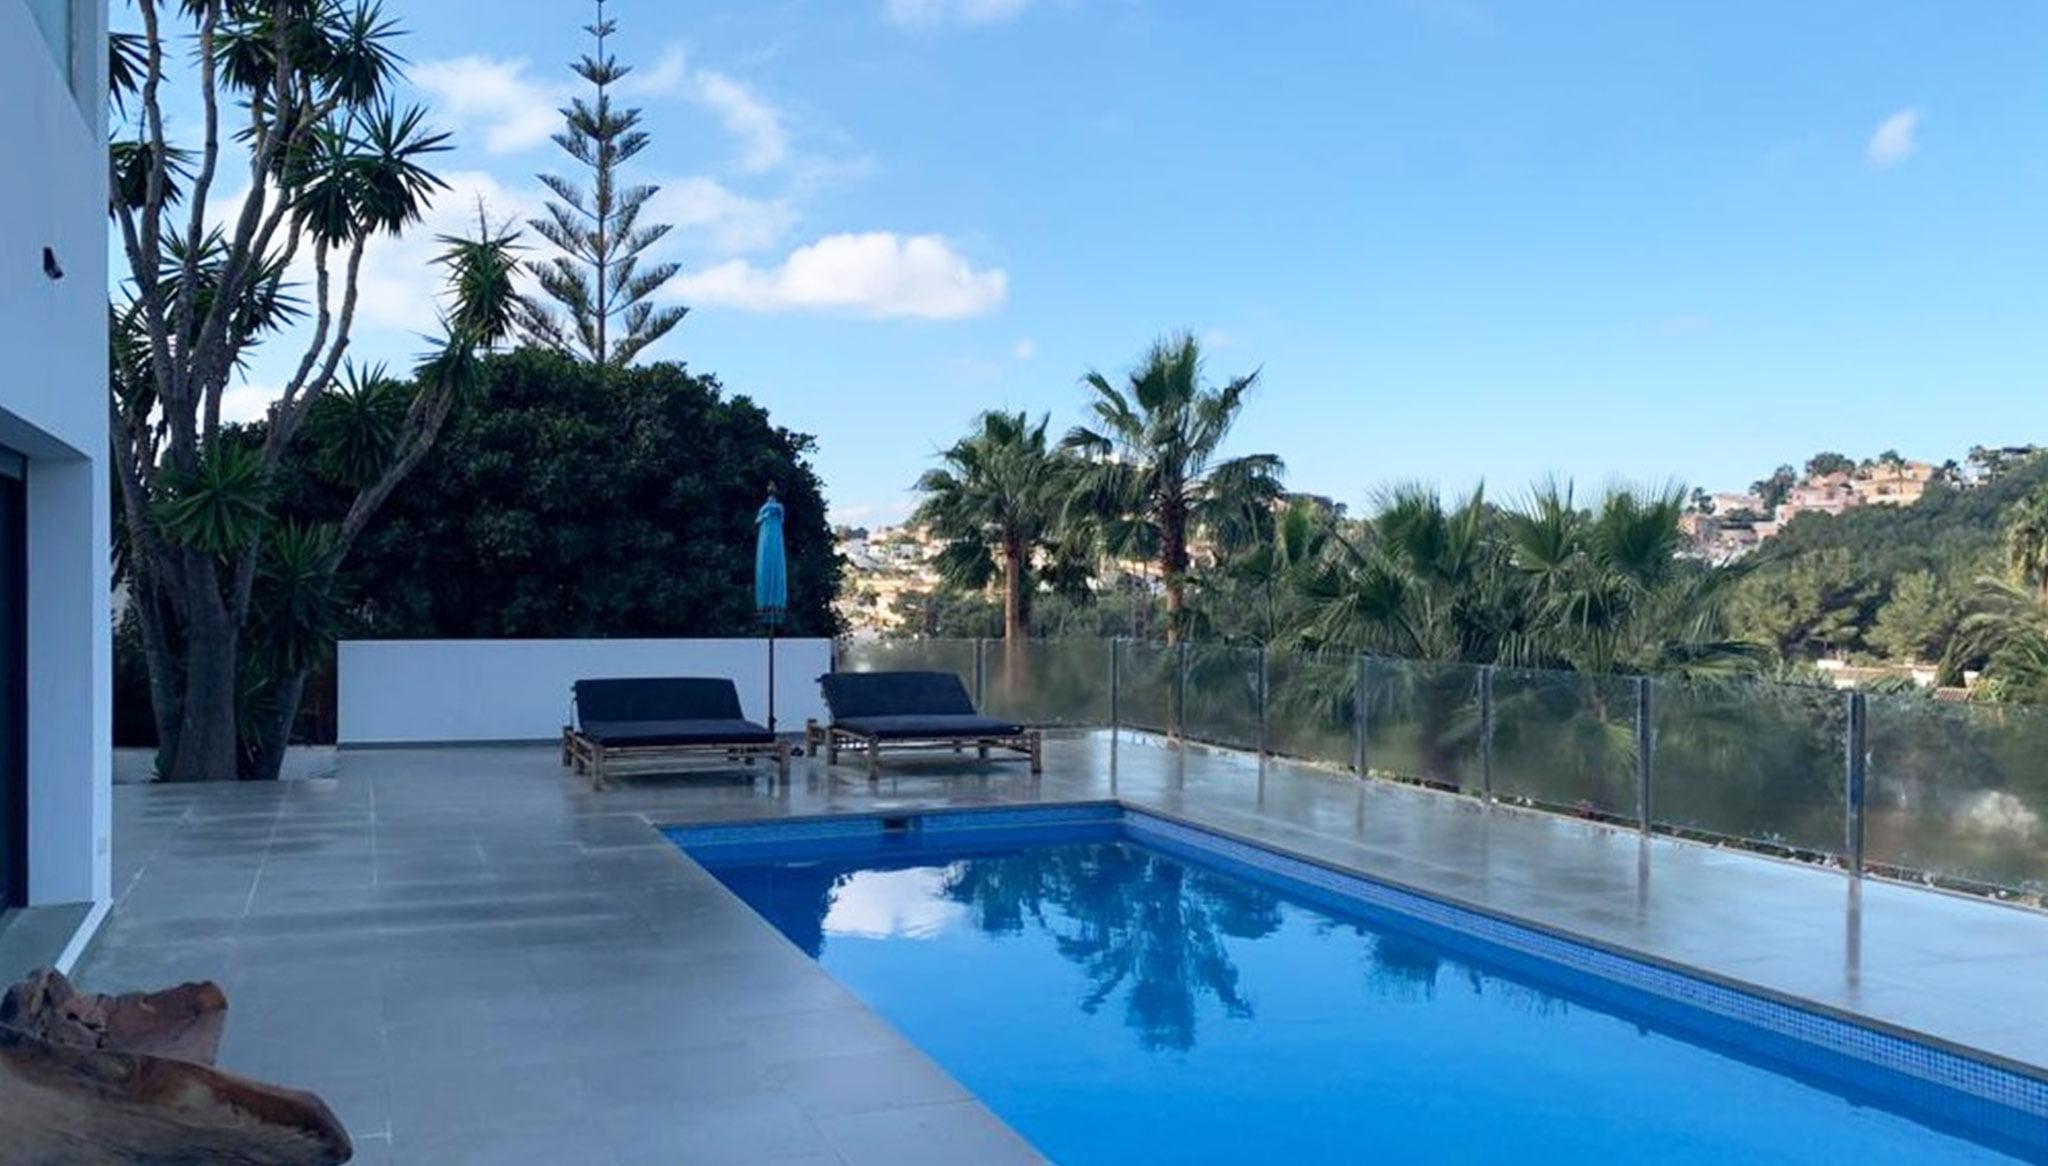 Piscina de una villa de lujo de estilo ibicenco en venta en Moraira – Fine & Country Costa Blanca Norte